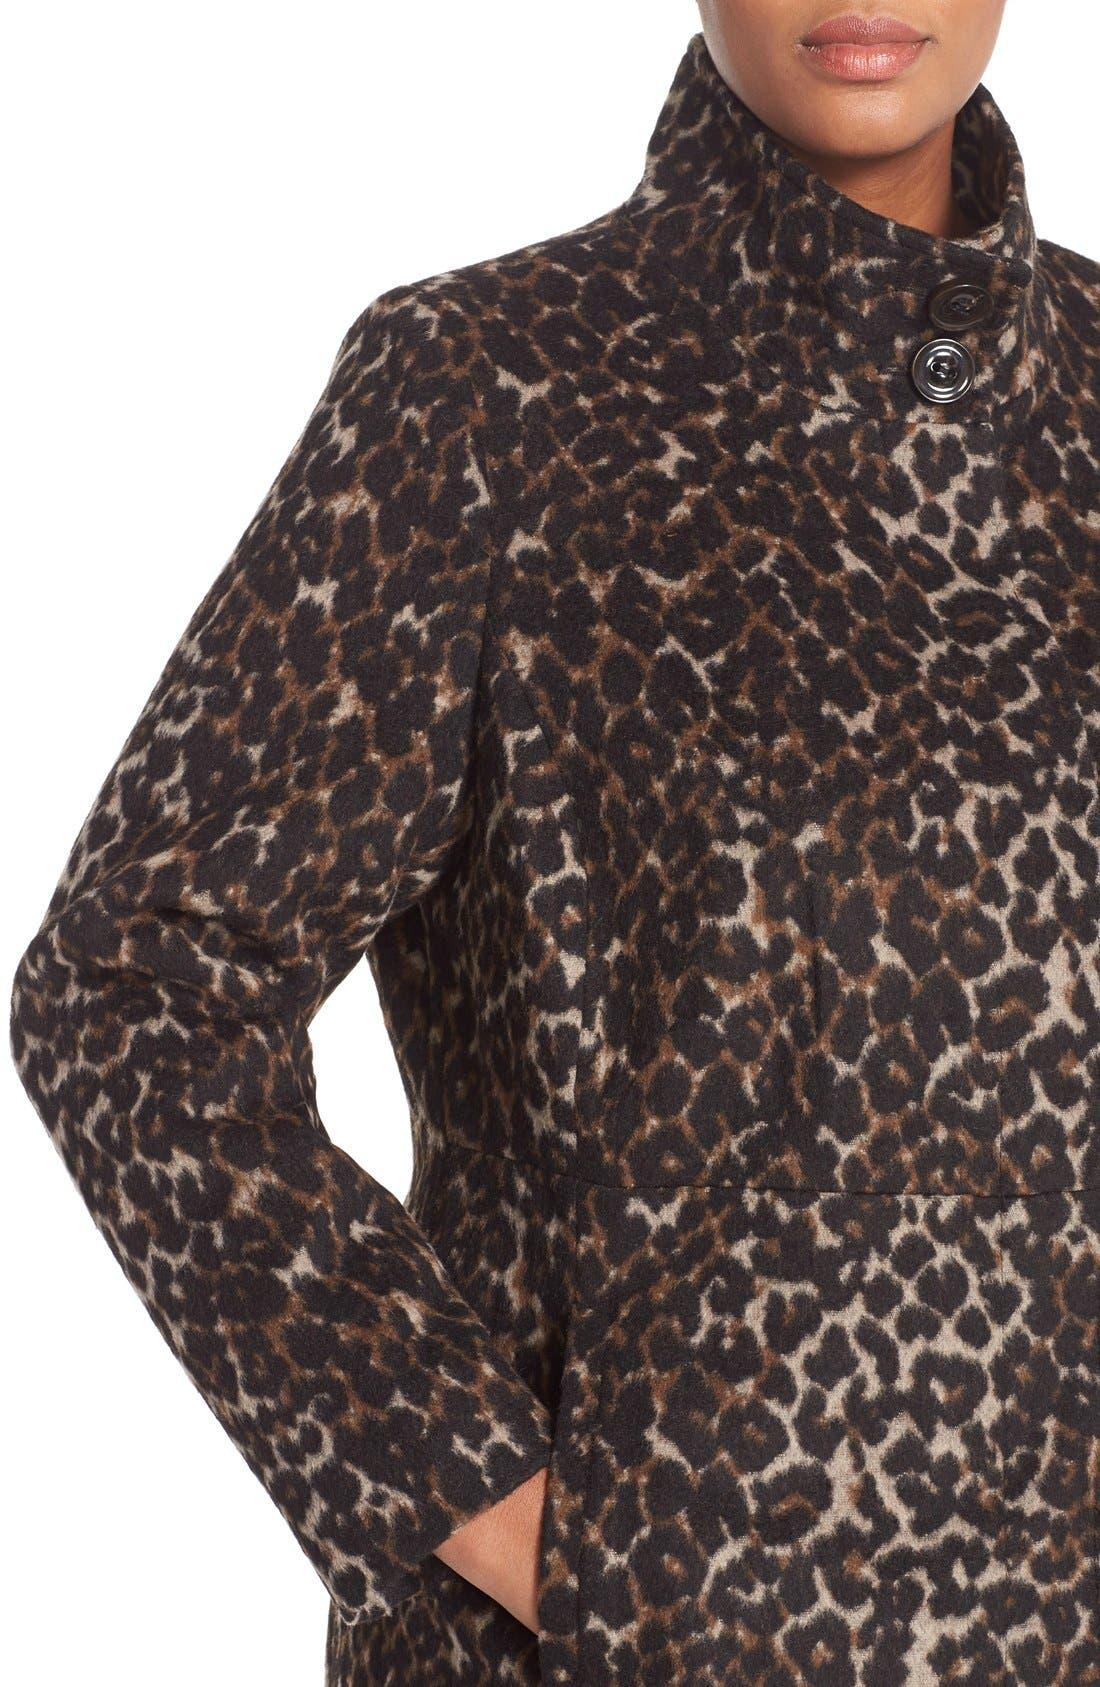 VIA SPIGA, Leopard Print Stand Collar Coat, Alternate thumbnail 4, color, 250